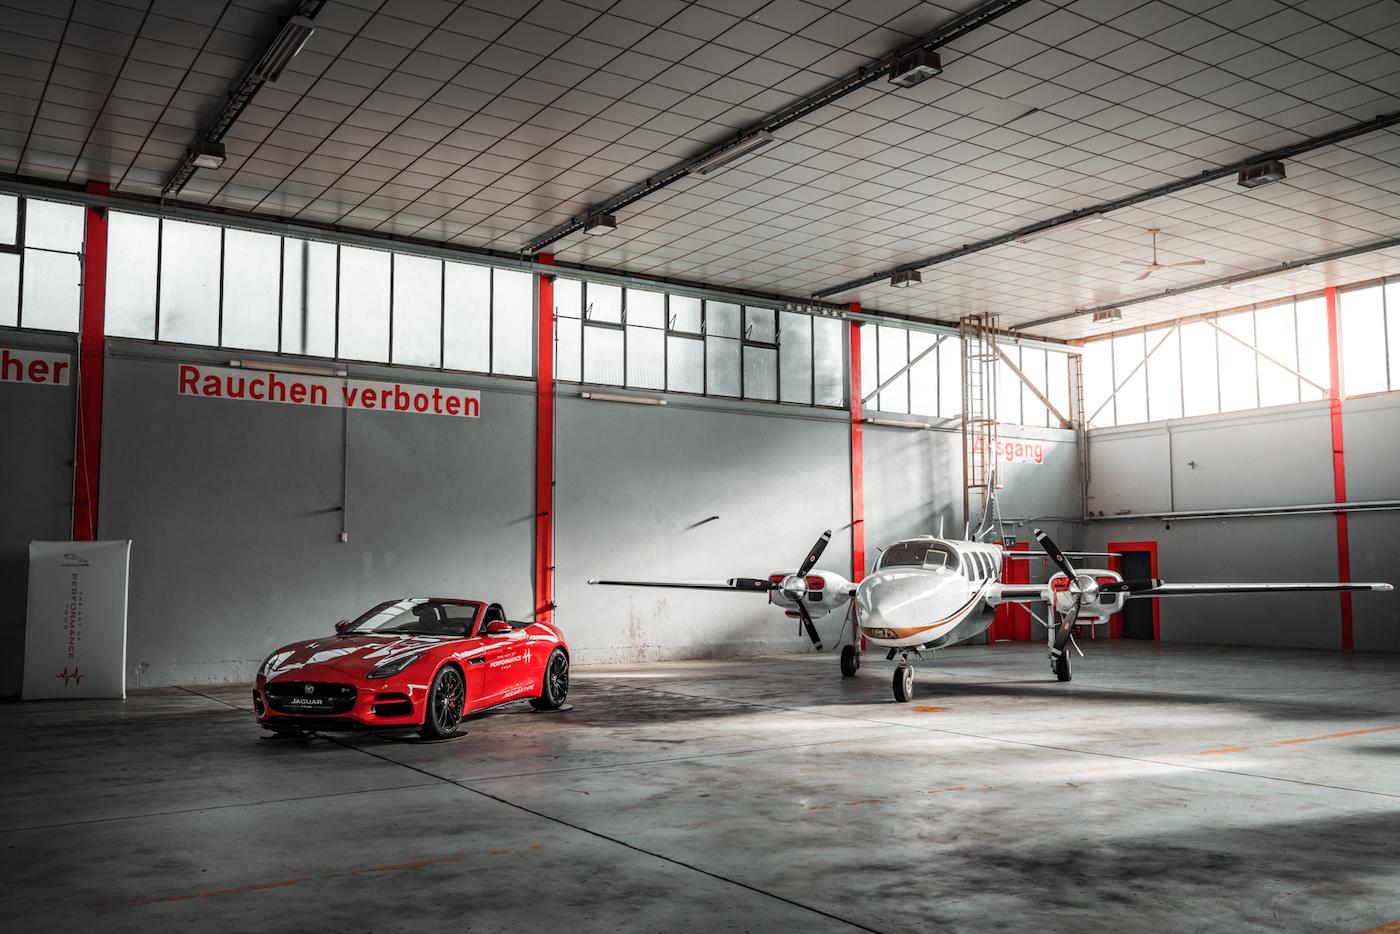 Die Jaguar Art of Performance Tour: Ein einzigartiges Fahrerlebnis auf einem Flugplatz 1